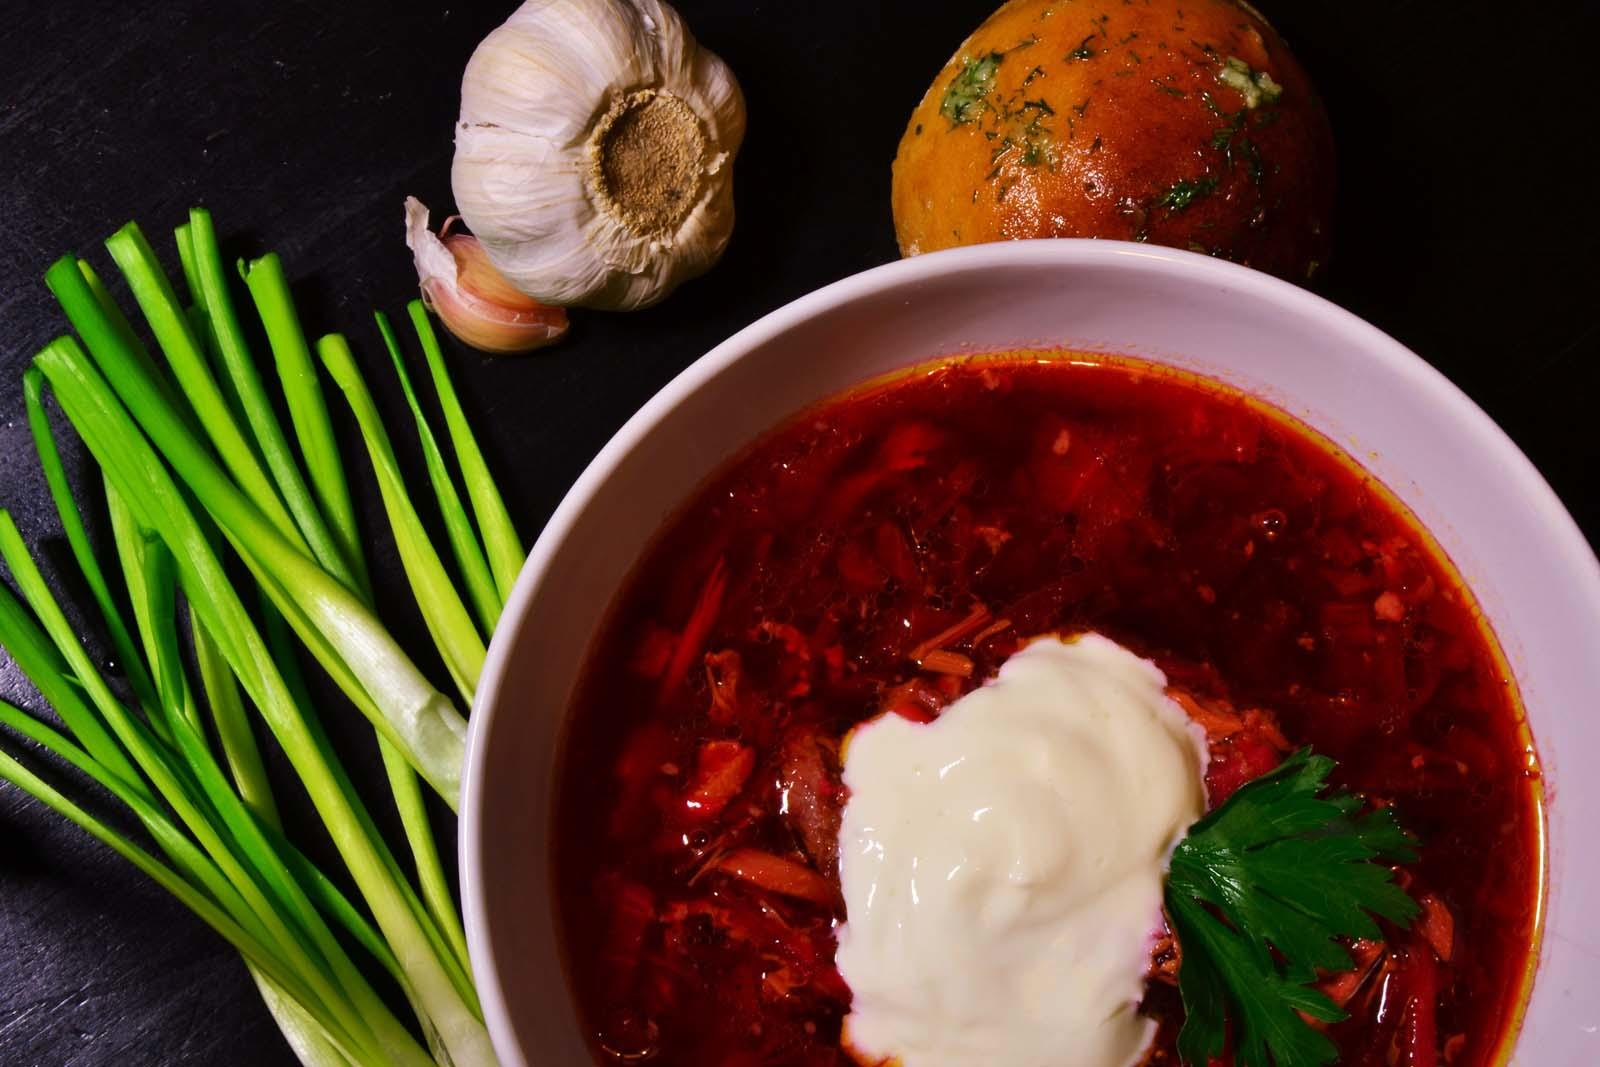 украинская кухня рецепты с фото пошагово разбавляют такая мысль